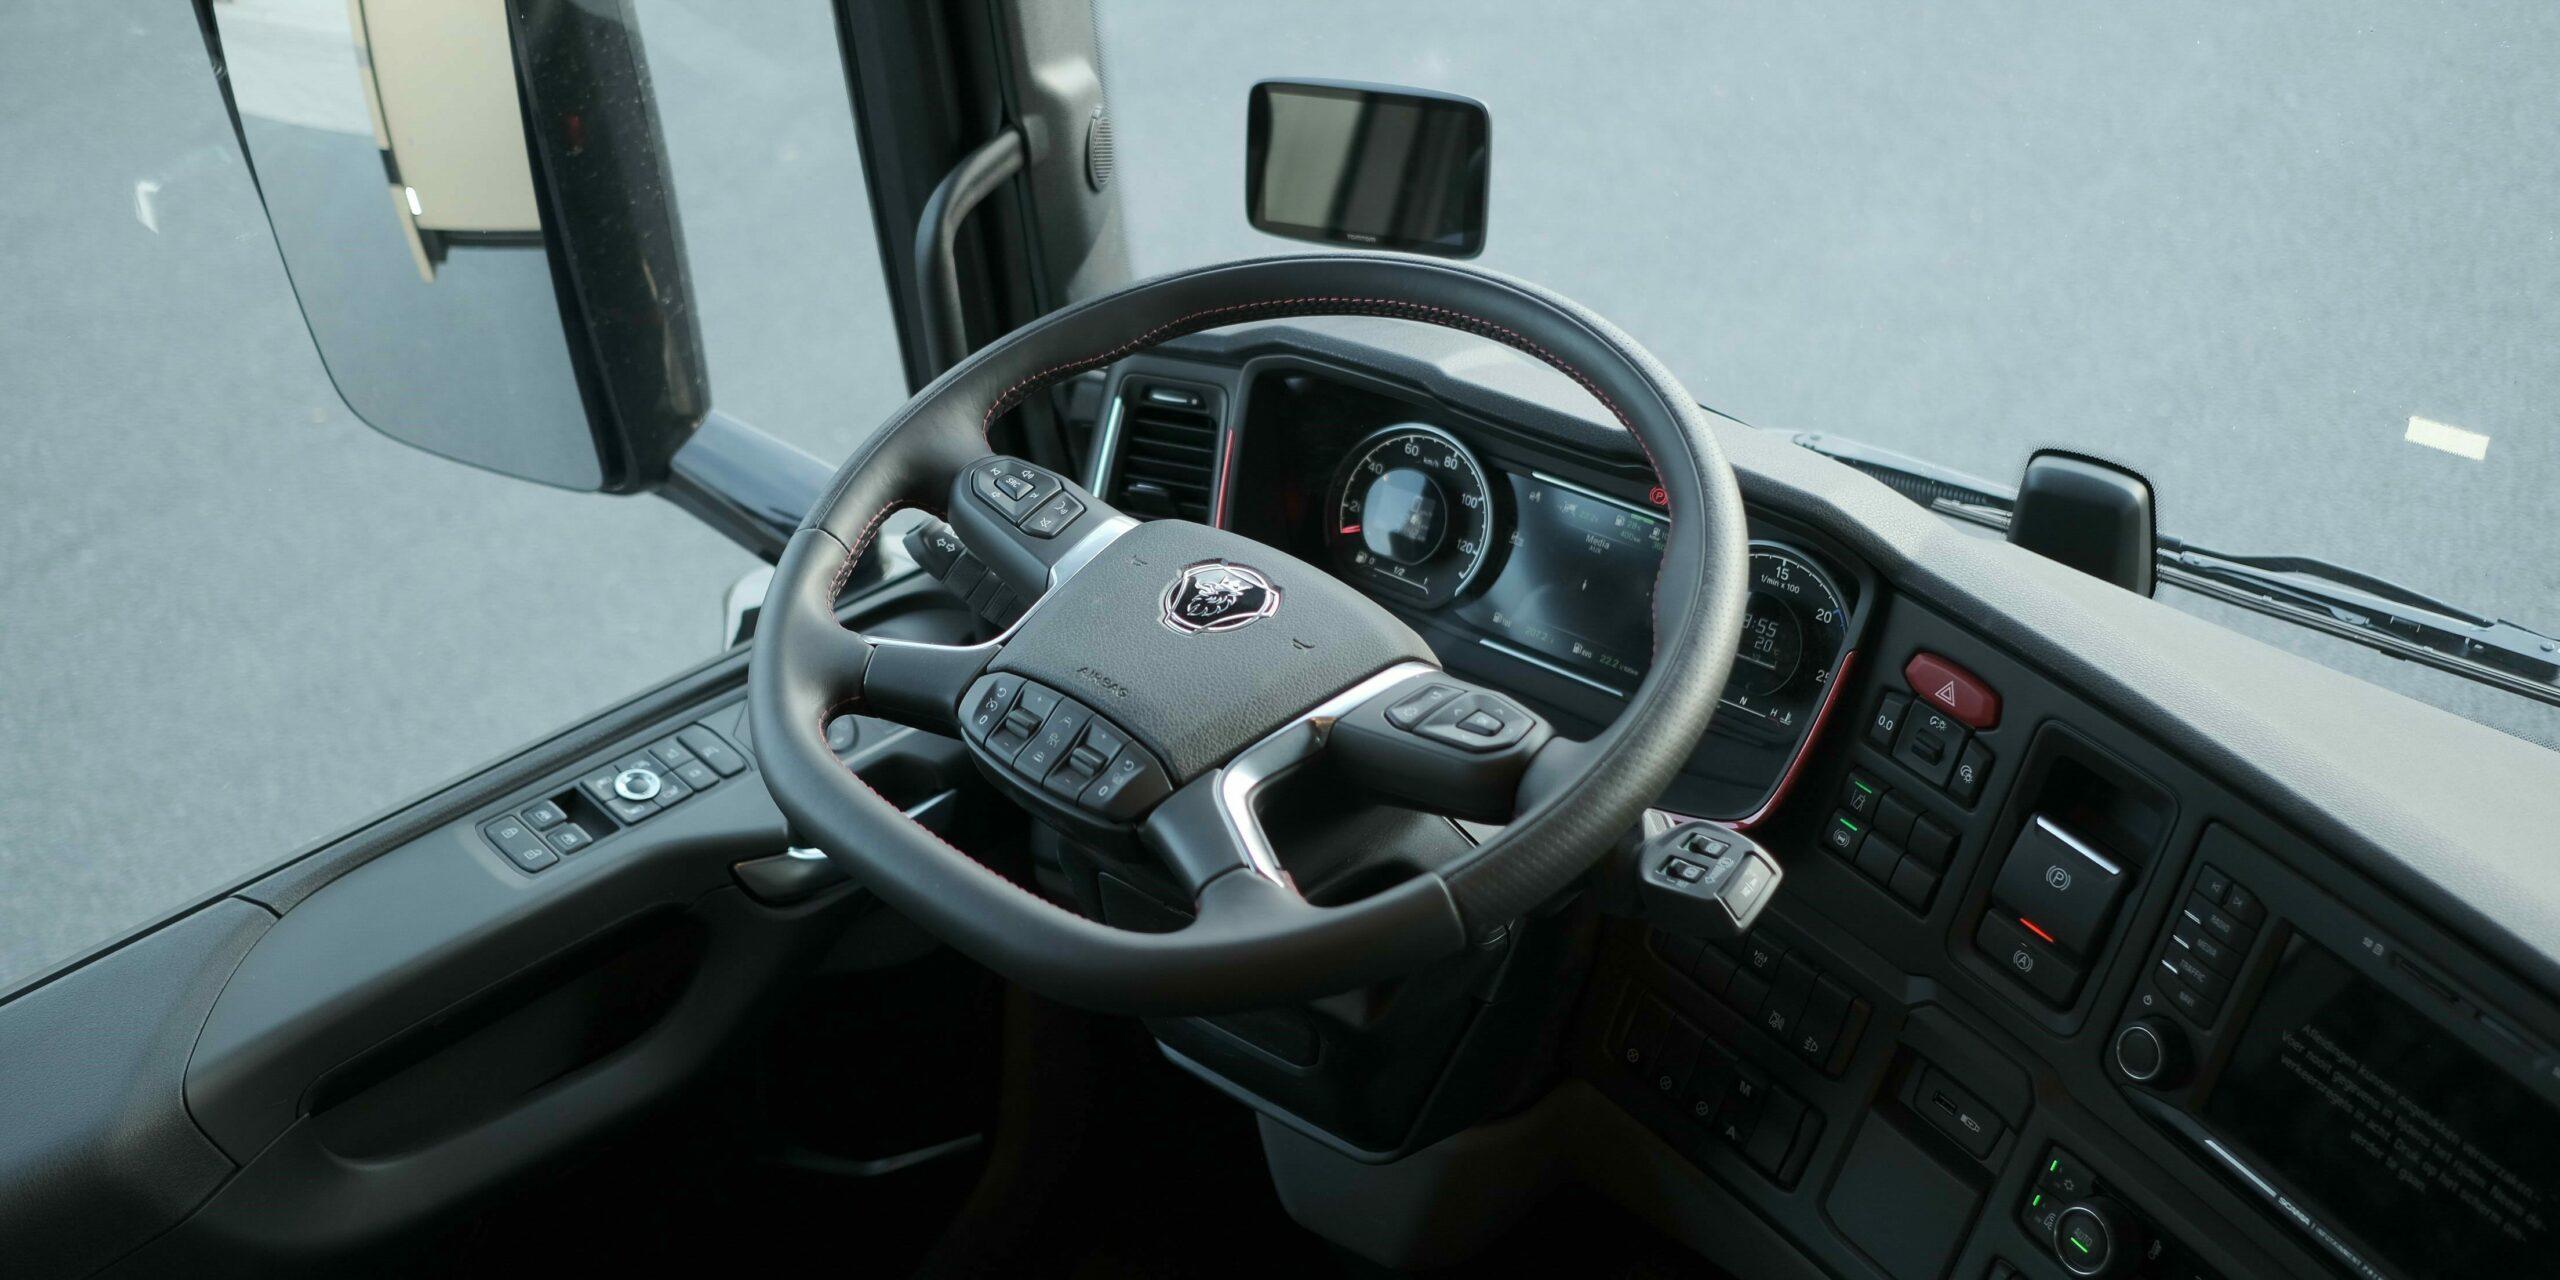 Detailfoto van het Scania stuur in een exclusieve Krismar motorhome.